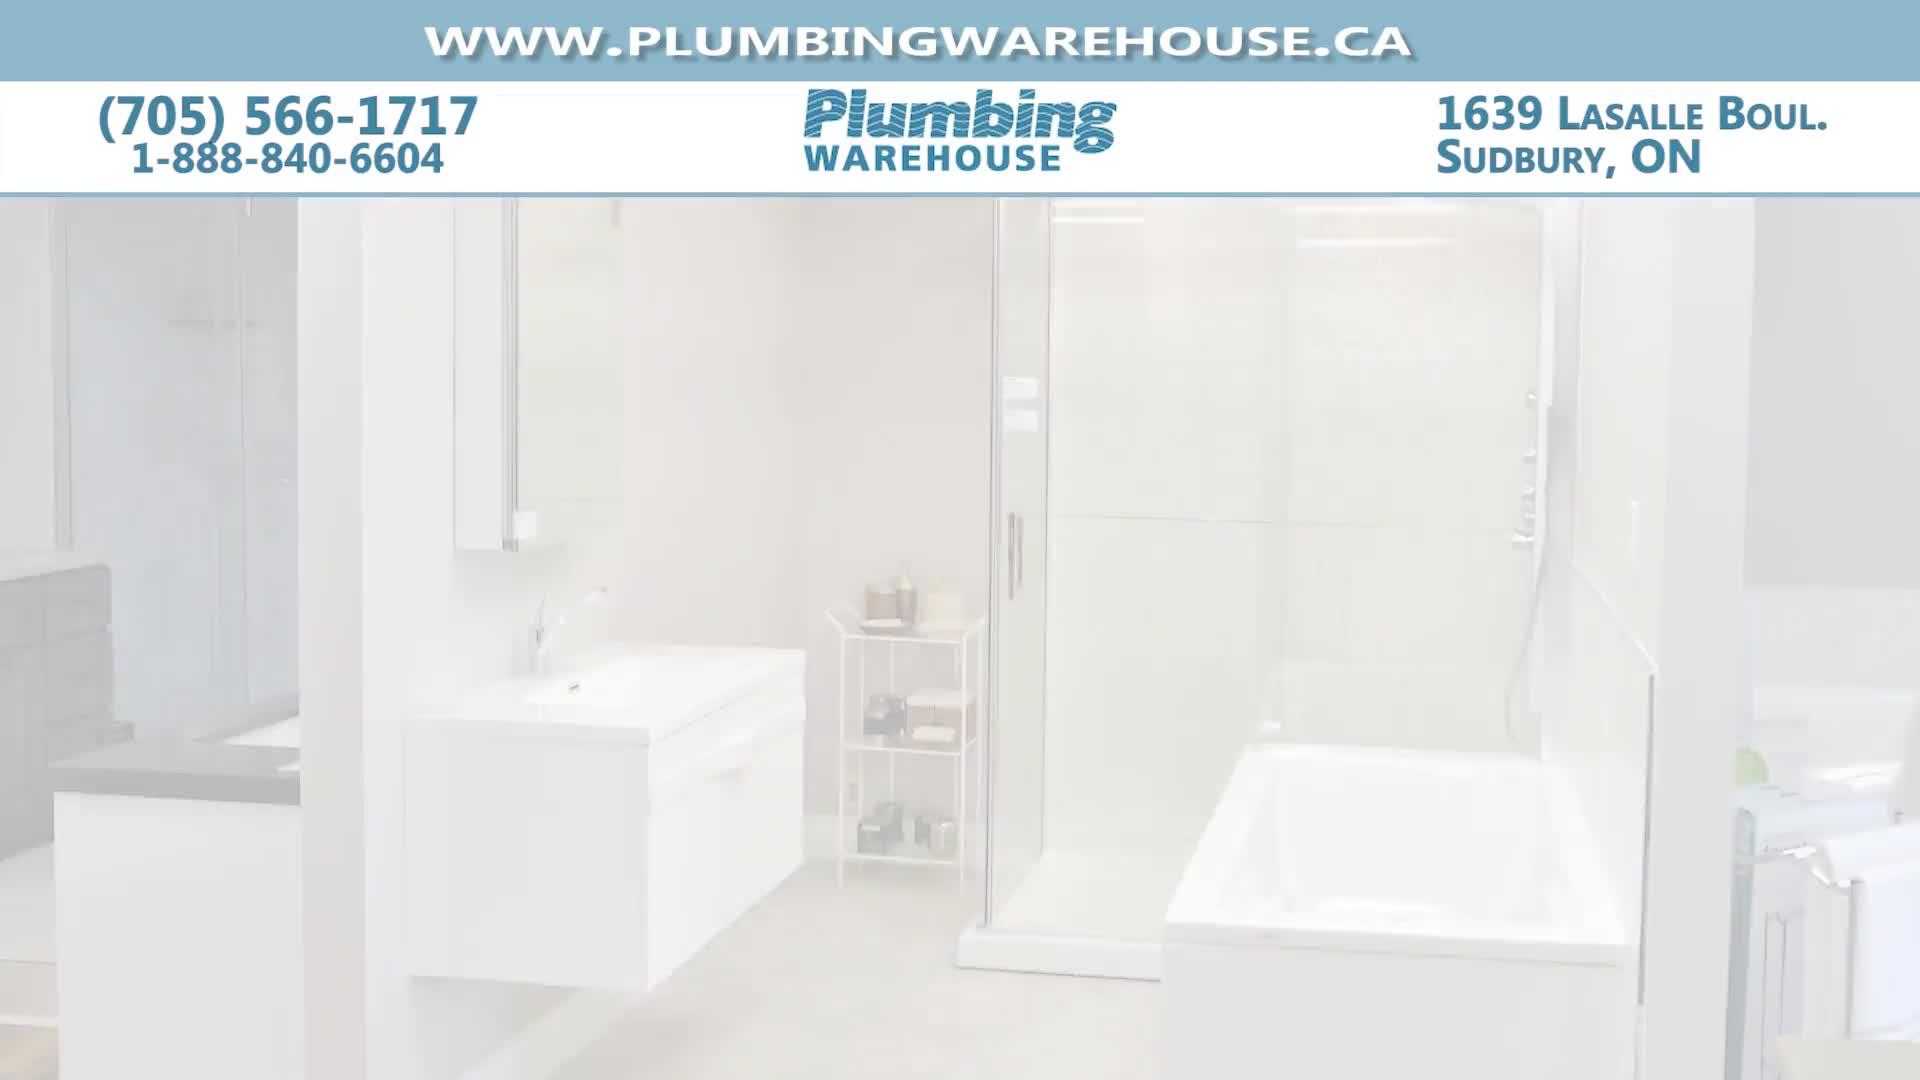 Plumbing Warehouse - Plumbing Fixture & Supply Stores - 705-566-1717